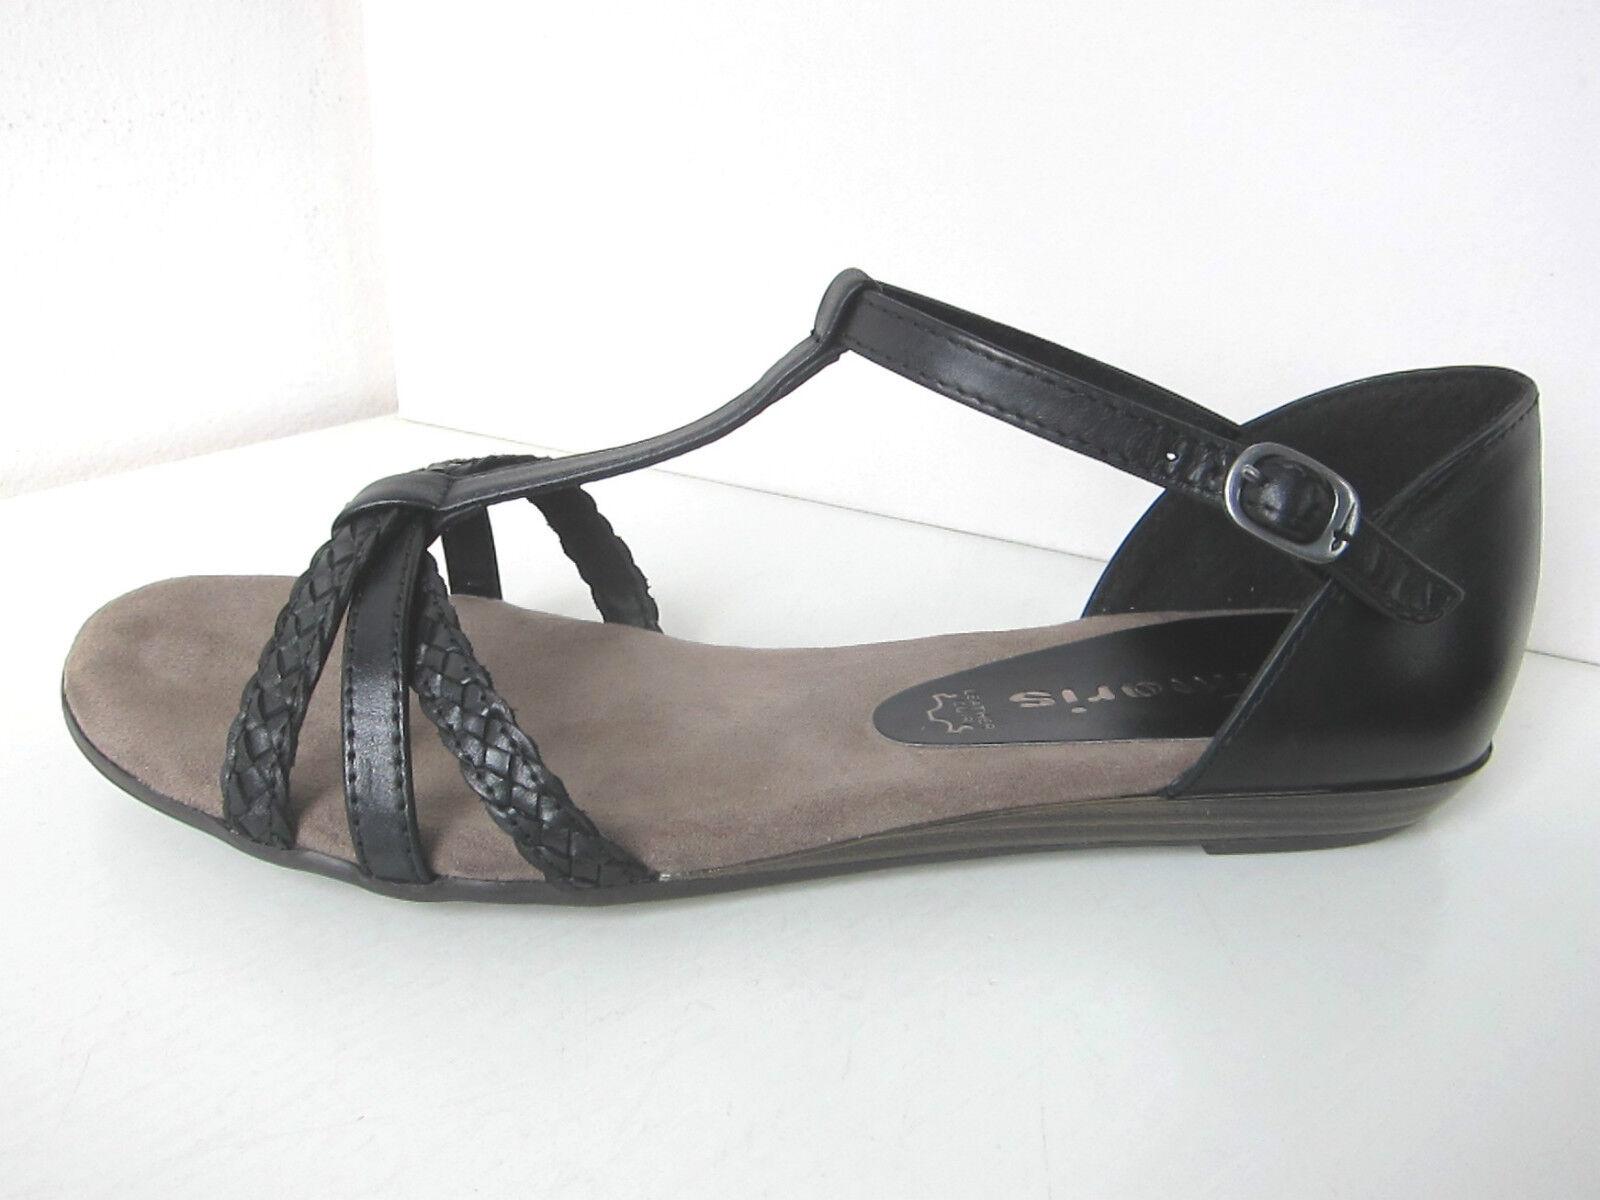 Tamaris Riemchen Sandalee Verbena Gr. 38 schwarz schwarz Sandaleette